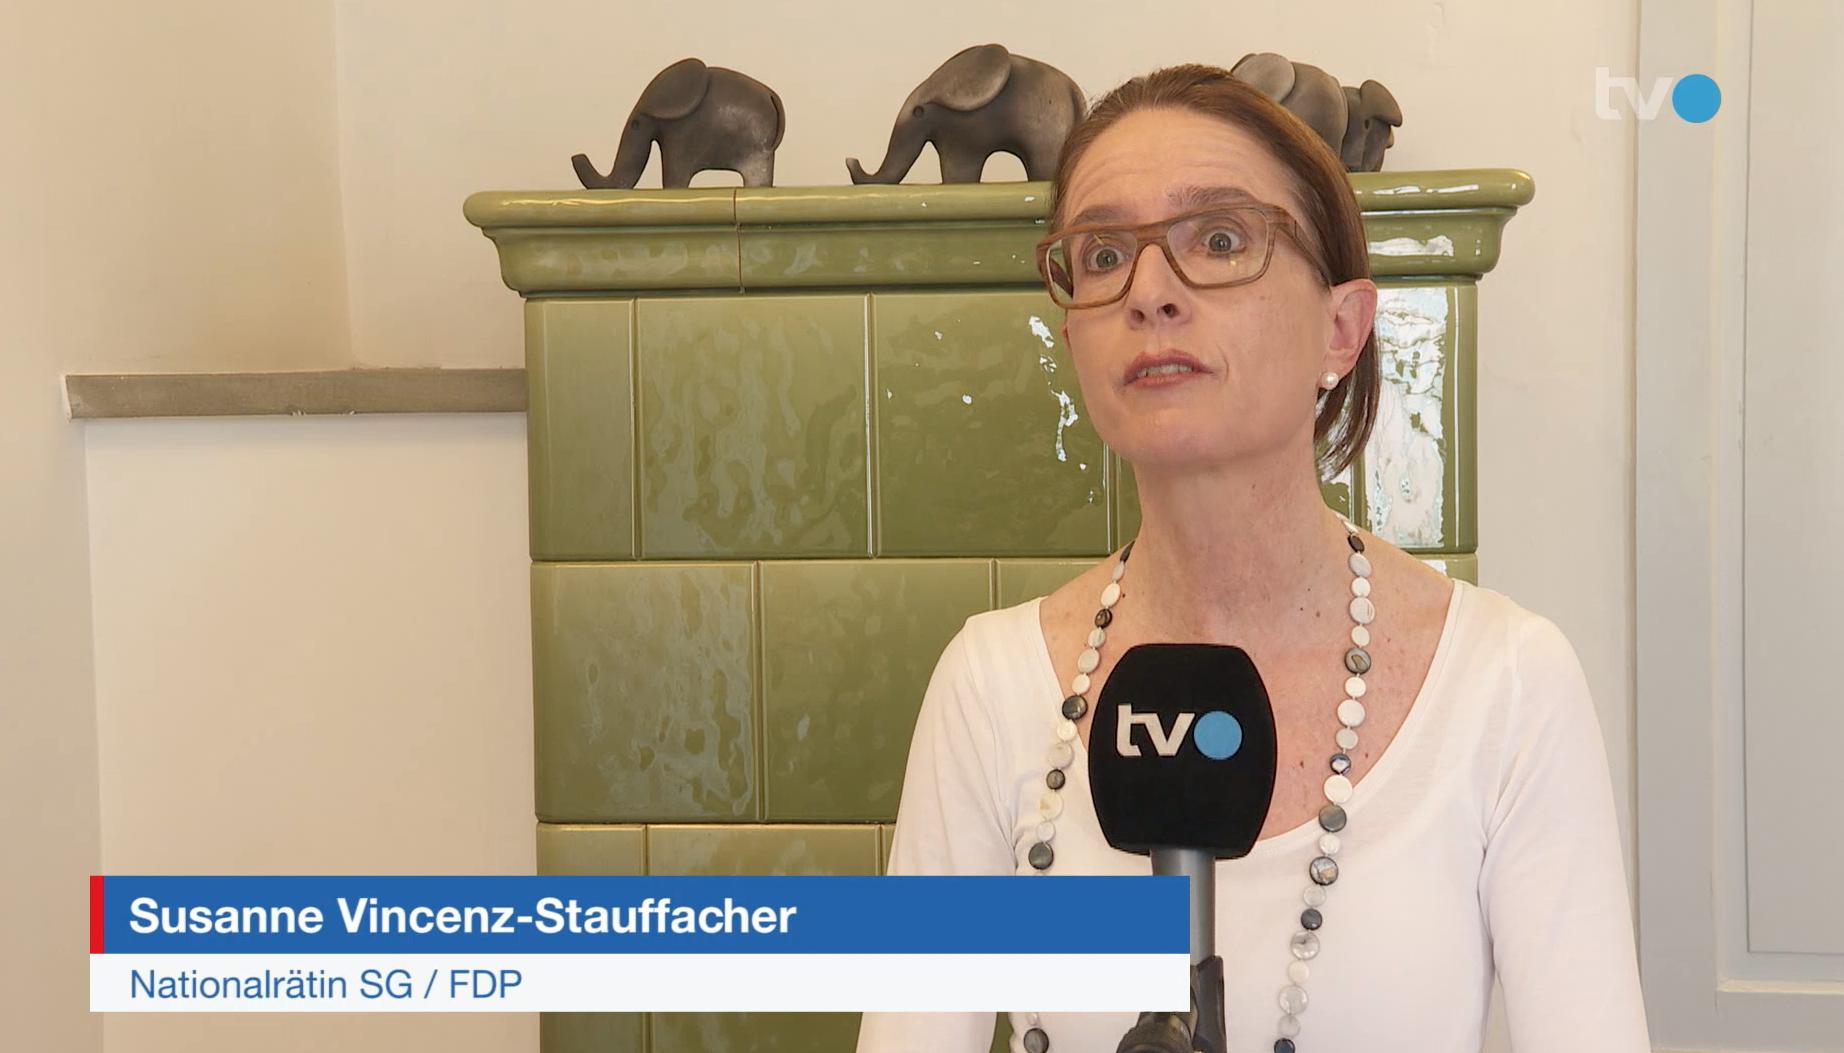 Susanne Vincenz-Stauffacher im TVO vom 9. April 2020